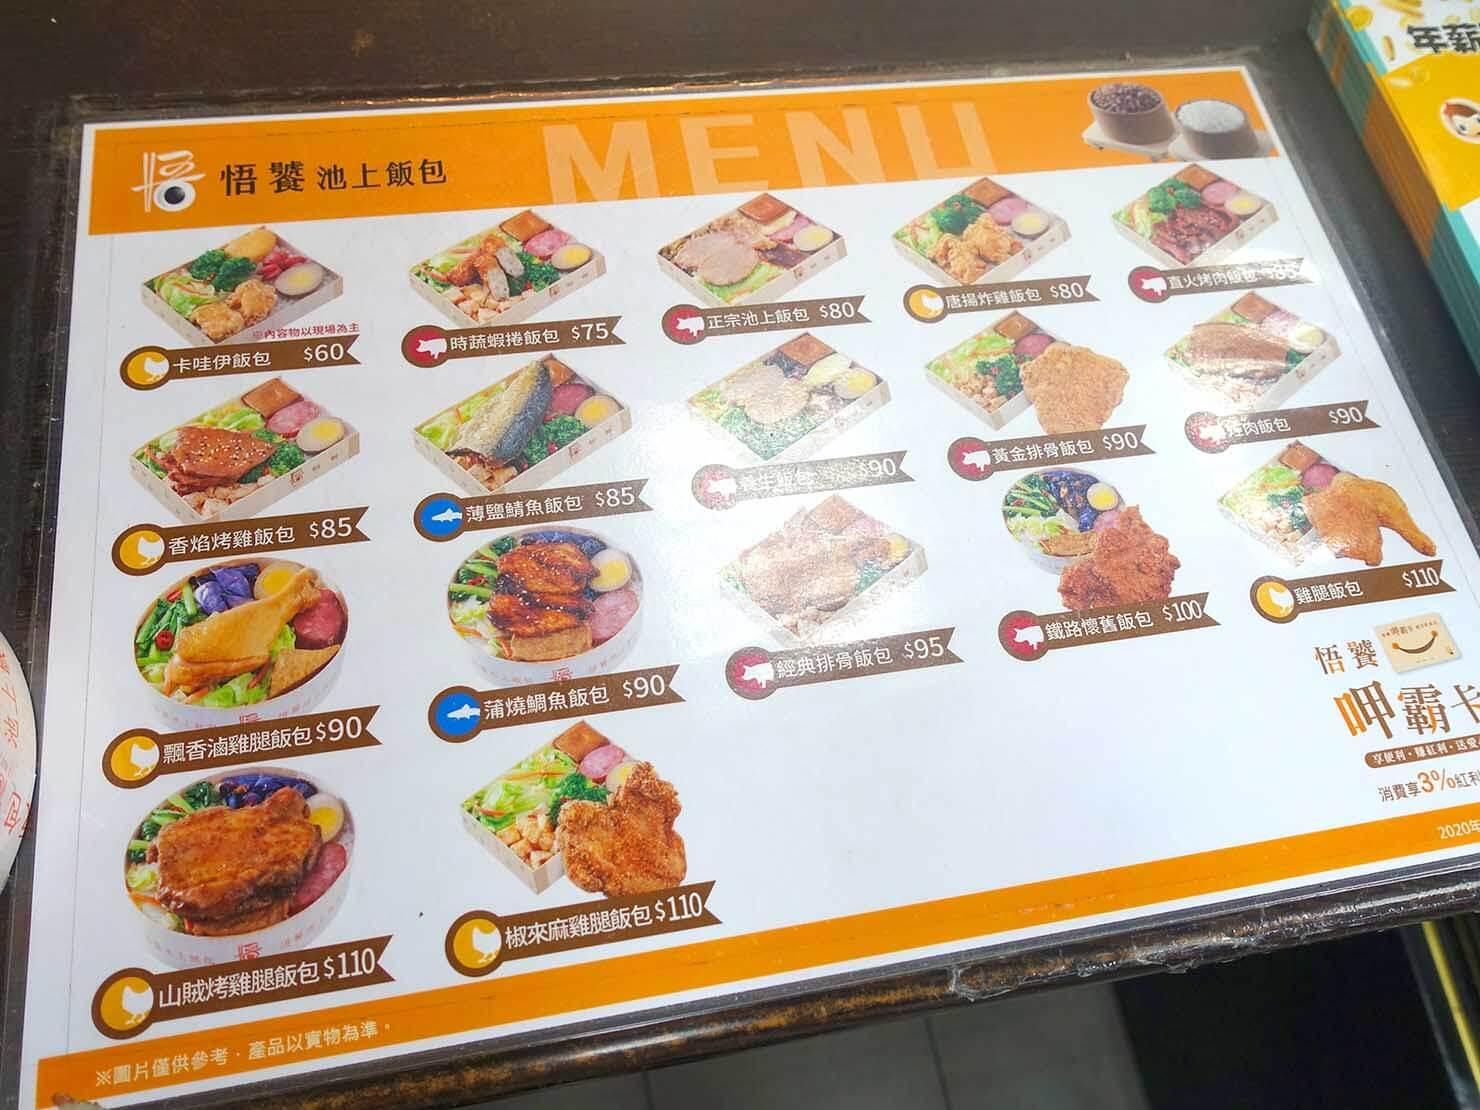 台湾のお弁当チェーン店「悟饕池上飯包」のメニュー